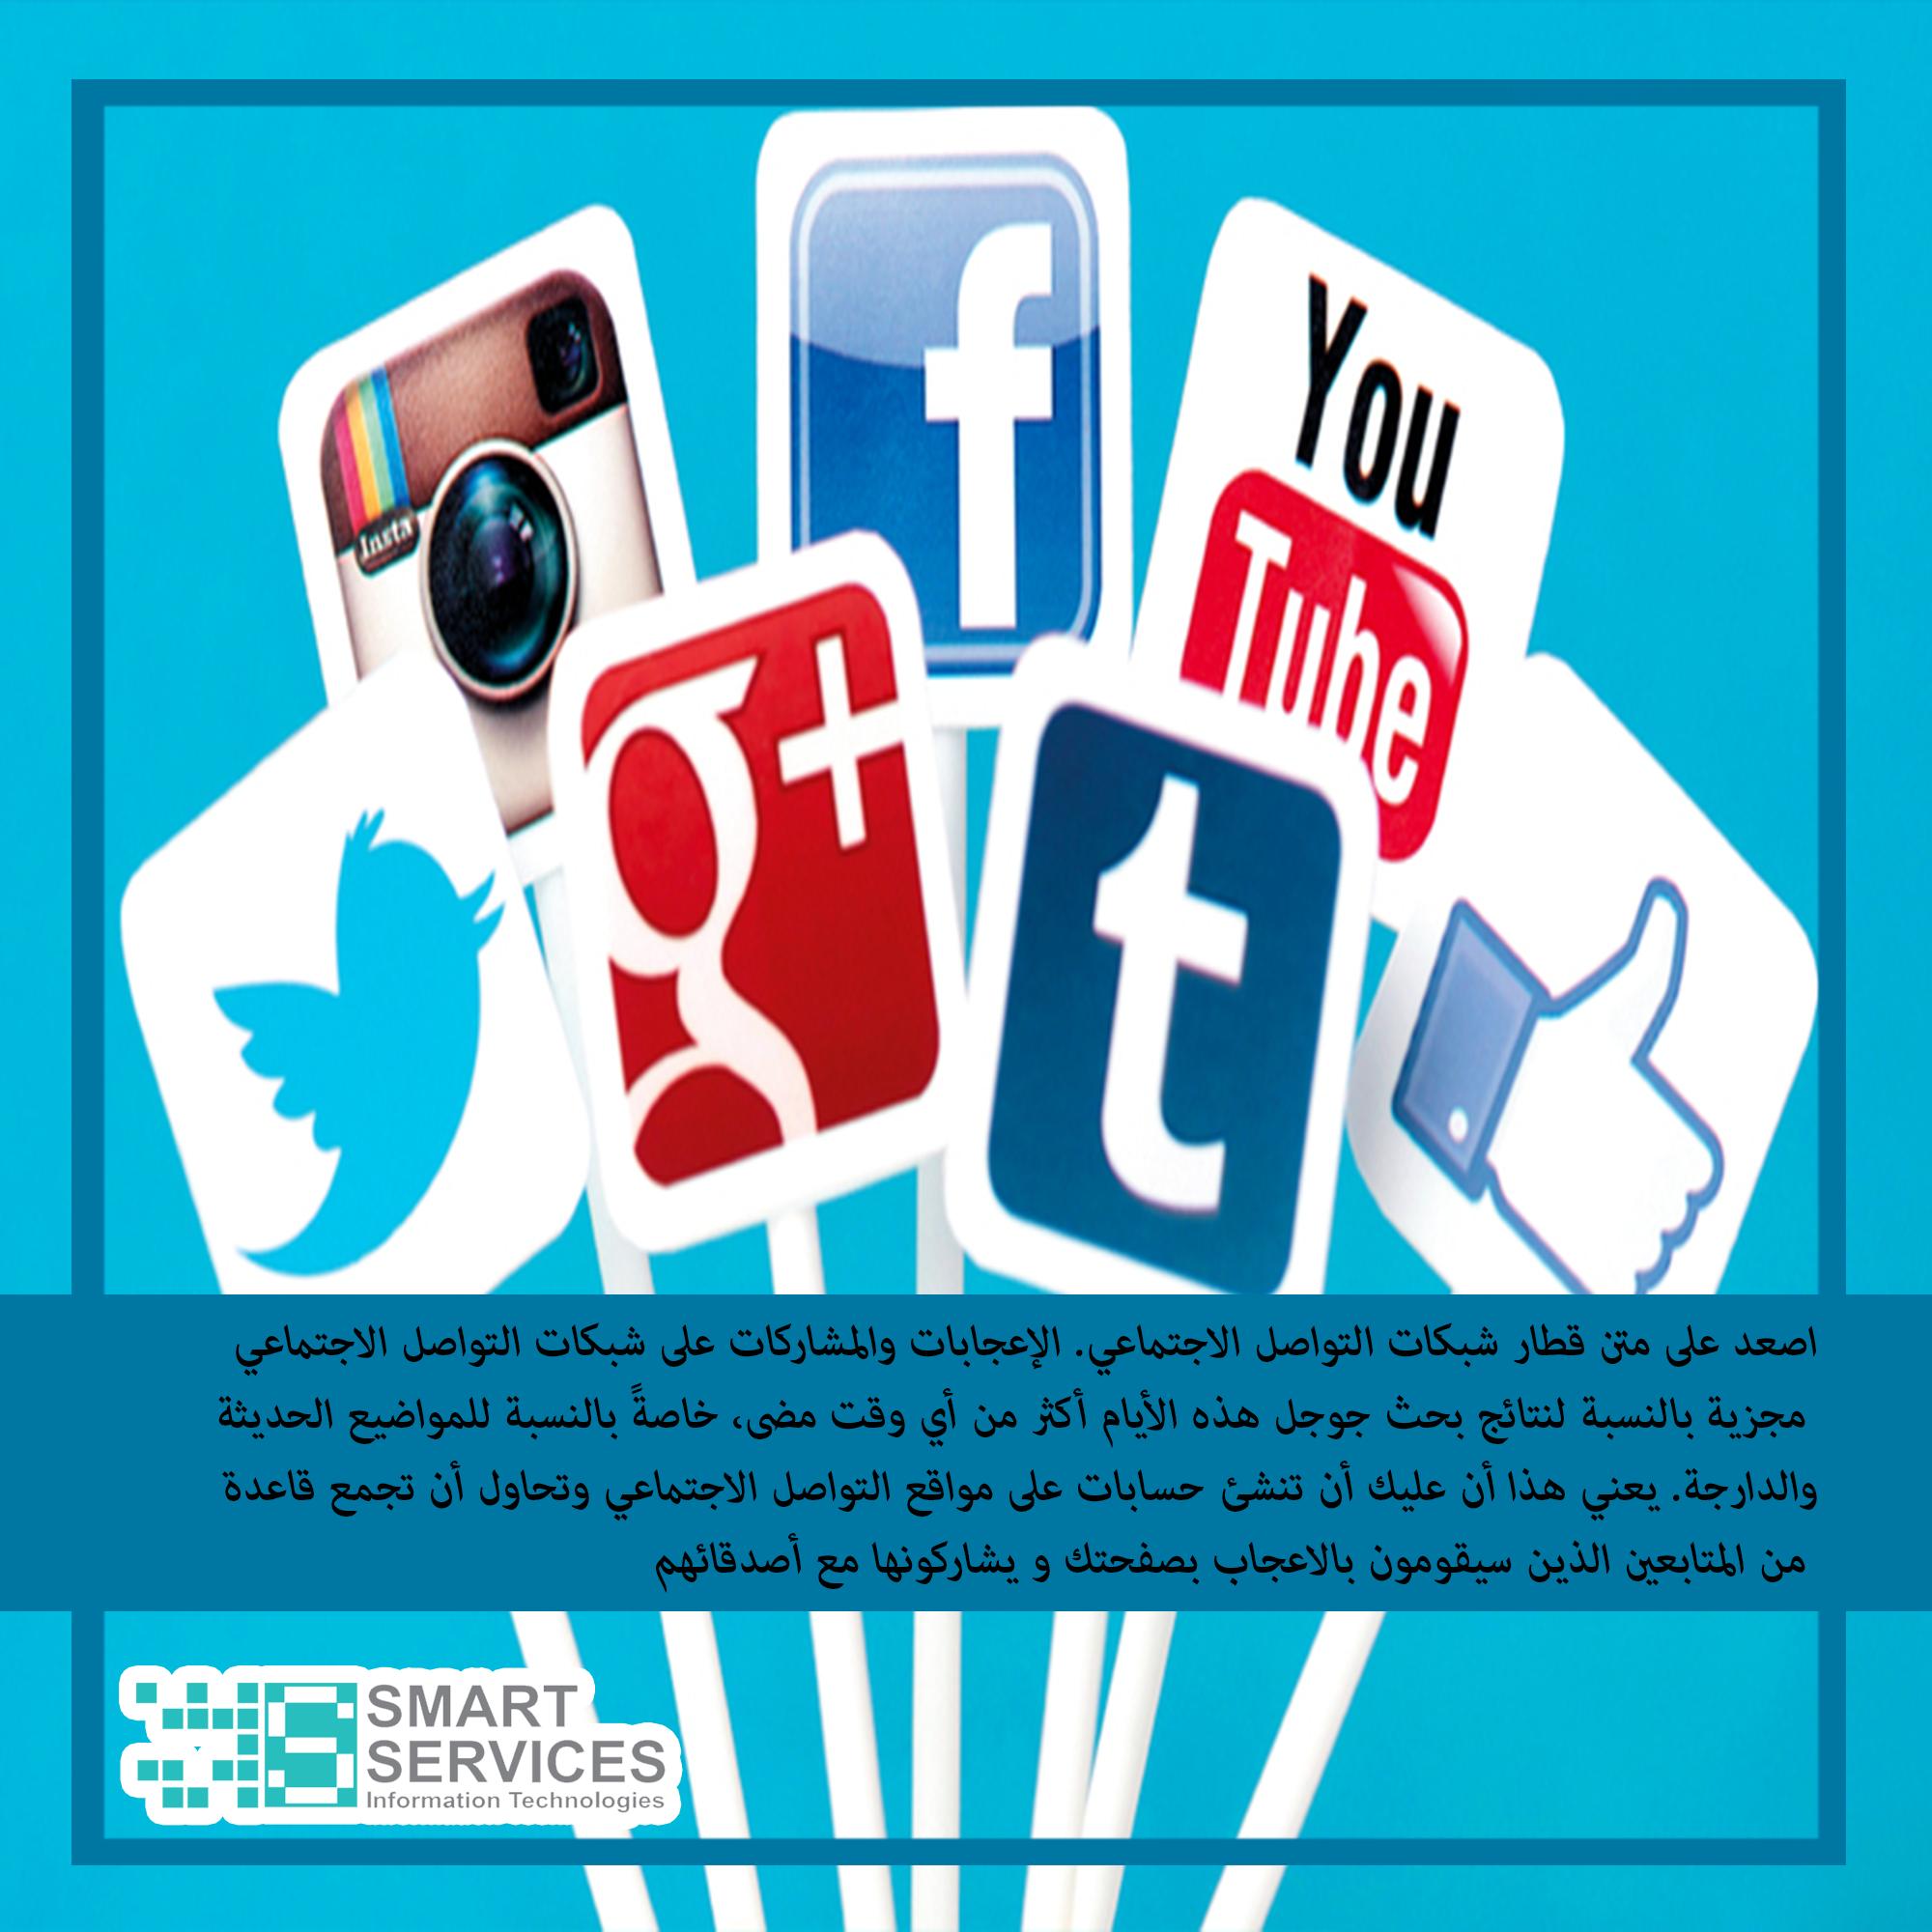 للاستفسار ولمزيد من المعلومات تابعونا على صفحتنا على Facebook Instagram Twitter Linkedin Tumblr Telegram Pinterest Sn Circuit Gaming Logos Clock